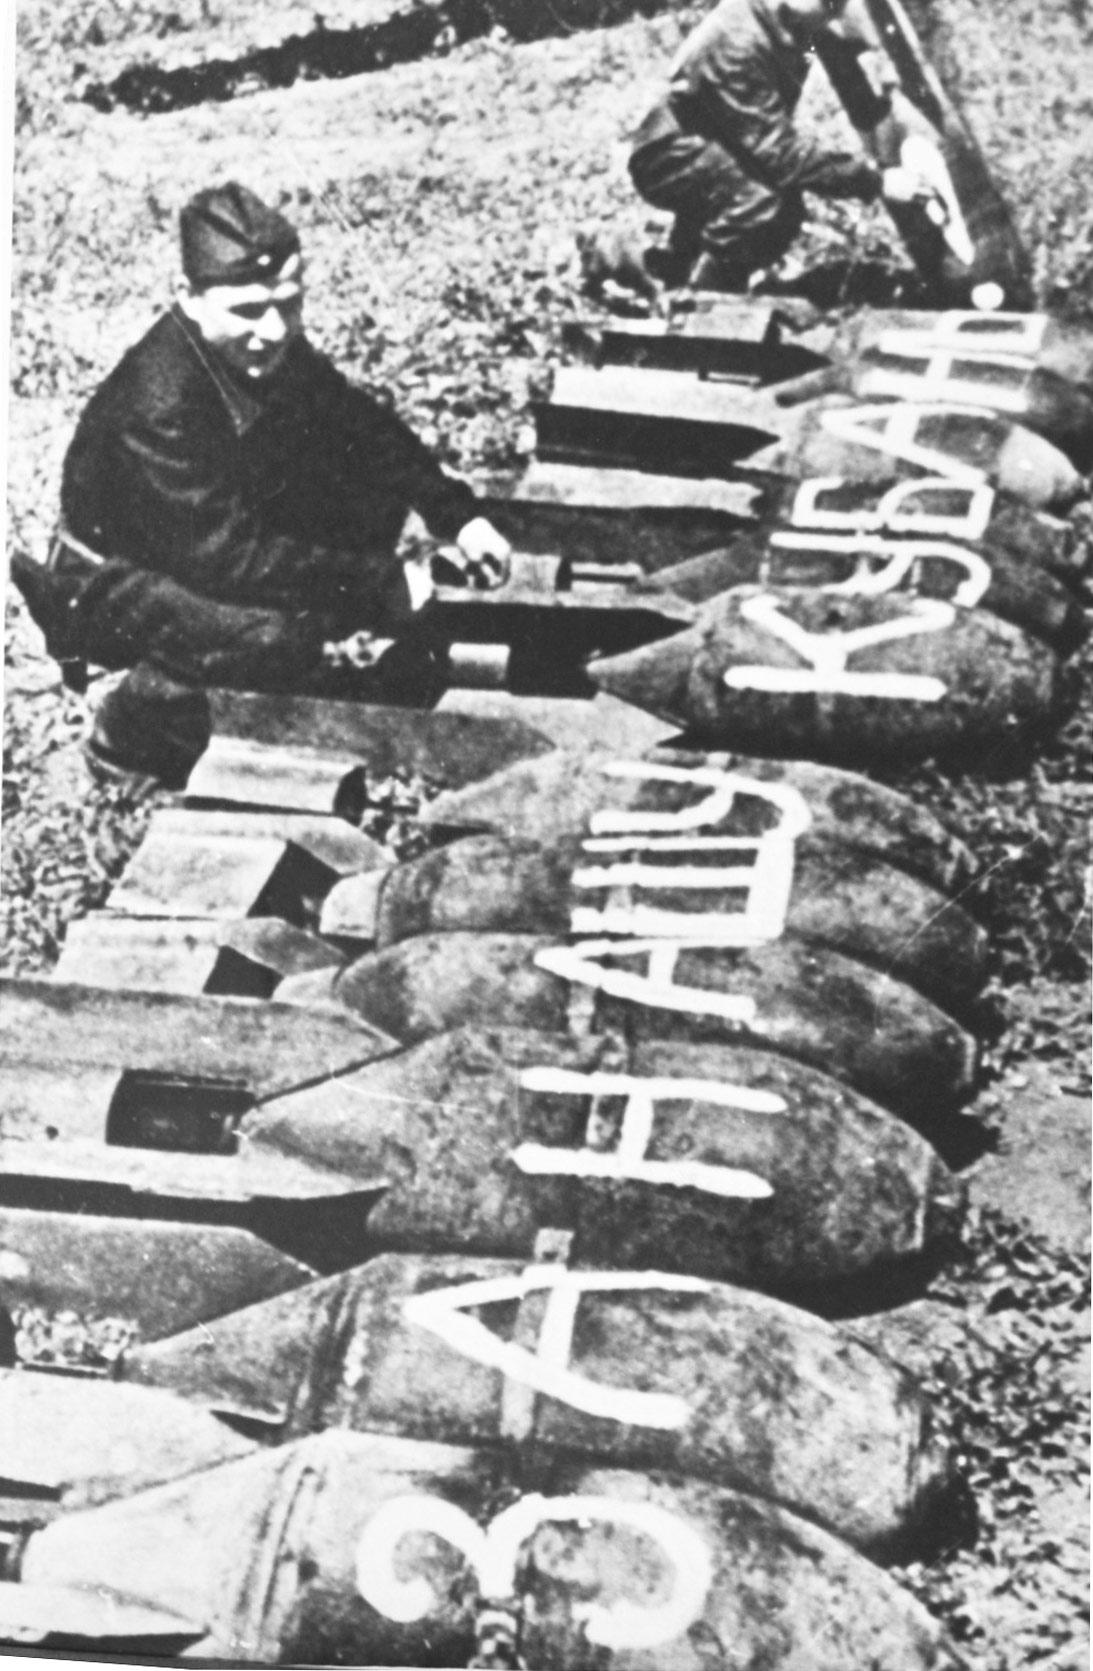 (Фото из архива Павловского историко-краеведческого музея).